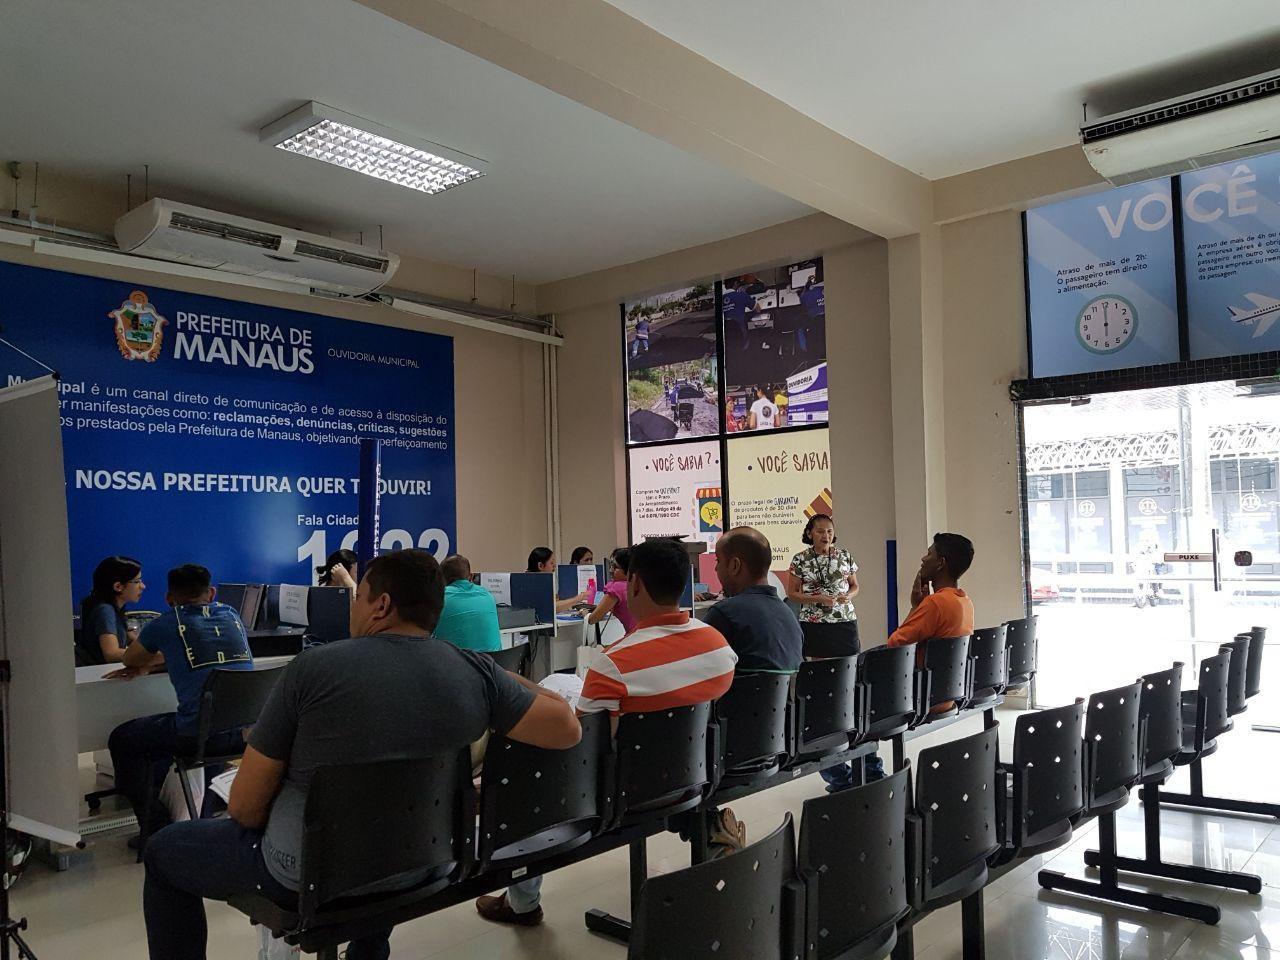 Sine Manaus oferece 56 vagas de emprego nesta segunda-feira (19) - Notícias - Plantão Diário